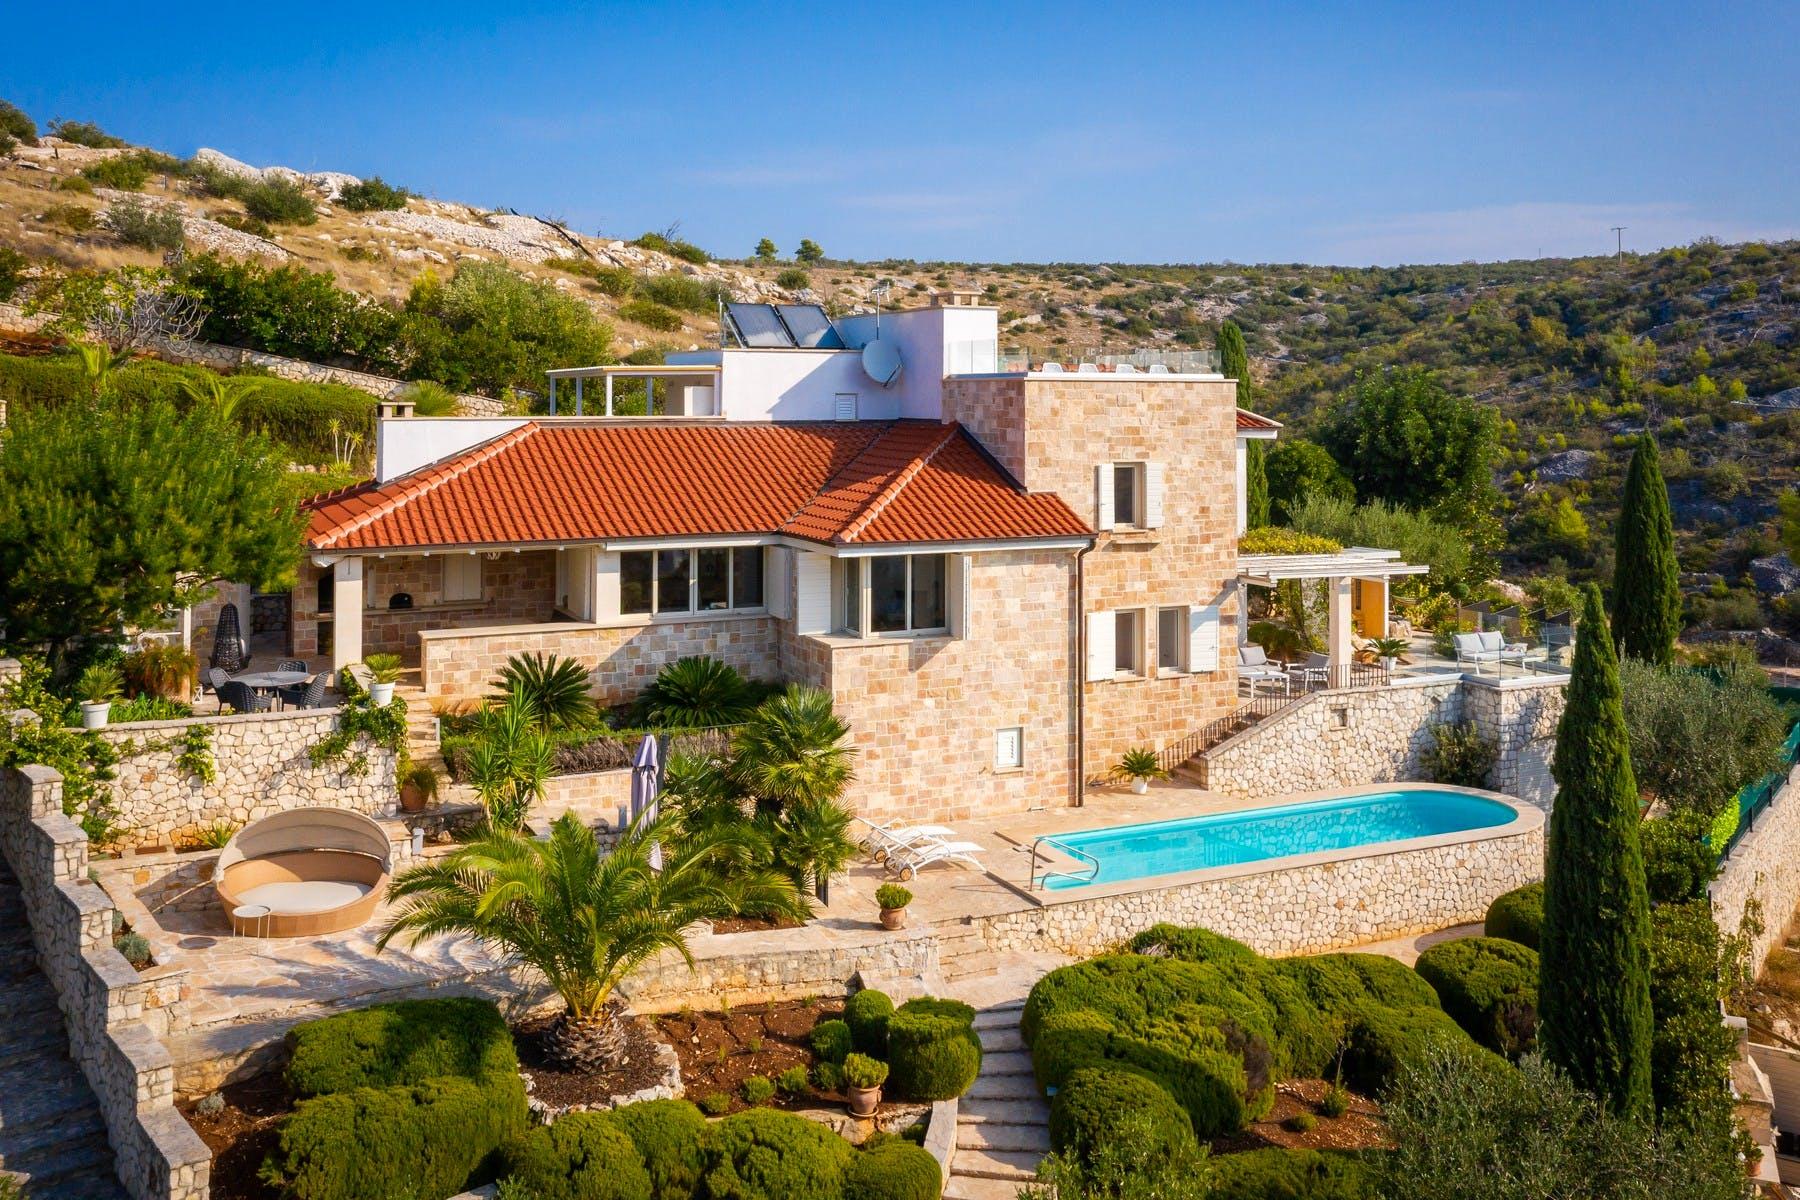 Luxury stone villa for sale